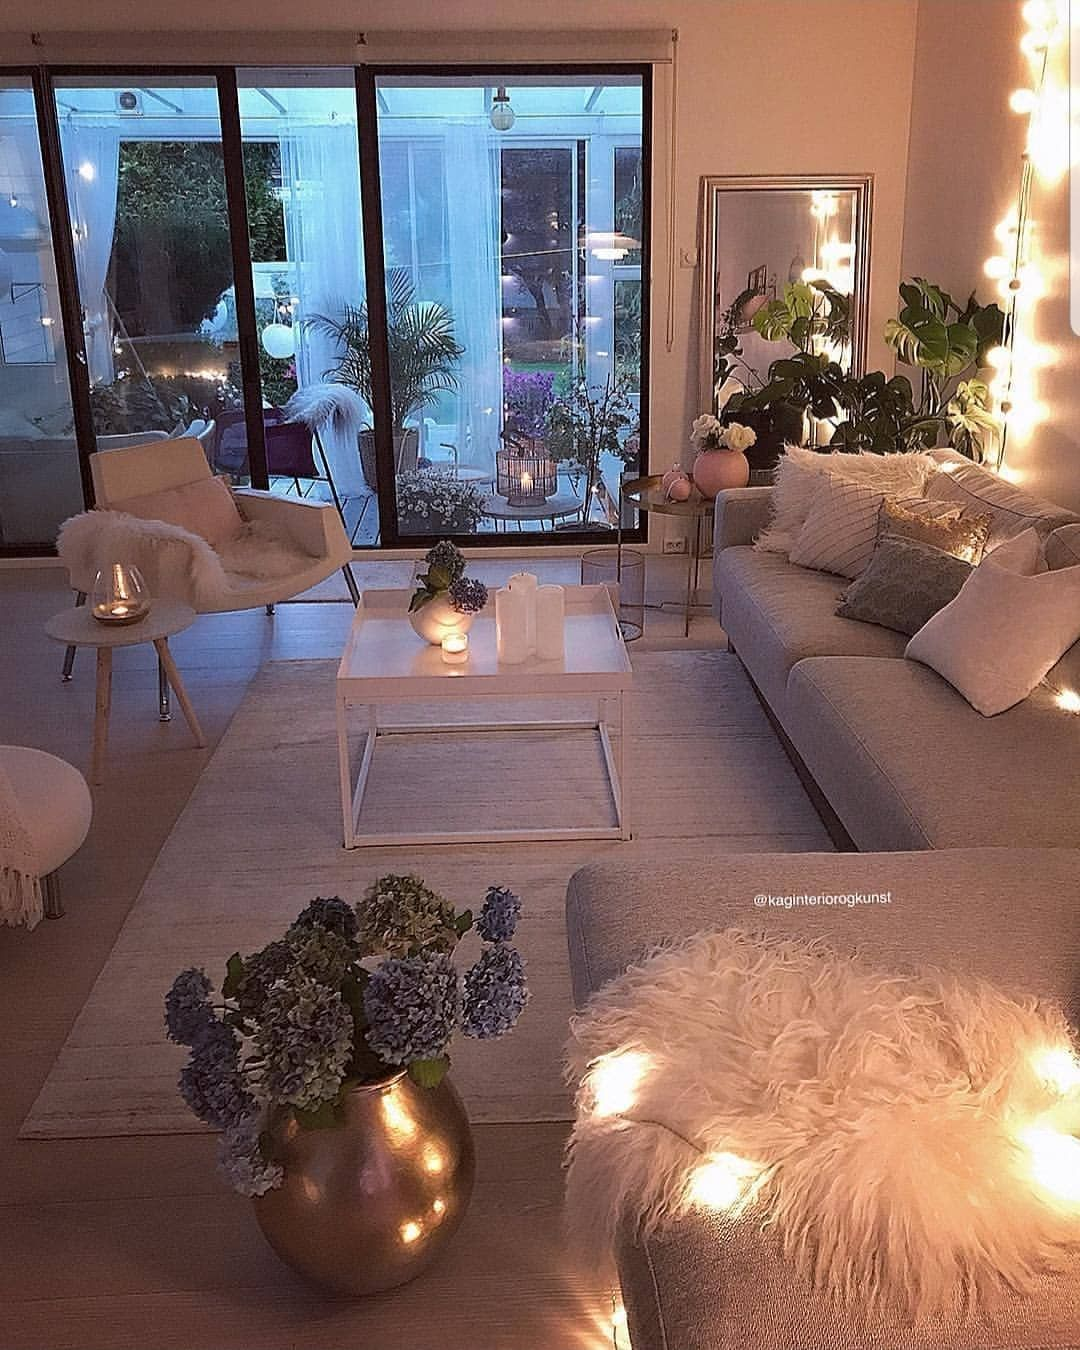 1 854 Mentions J Aime 6 Commentaires 𝗛𝗢𝗠𝗘 𝗗𝗘𝗦𝗜𝗚𝗡 Home Design68 Sur Instagram Déco Salon Cocooning Deco Maison Design Décoration Salon Cocooning